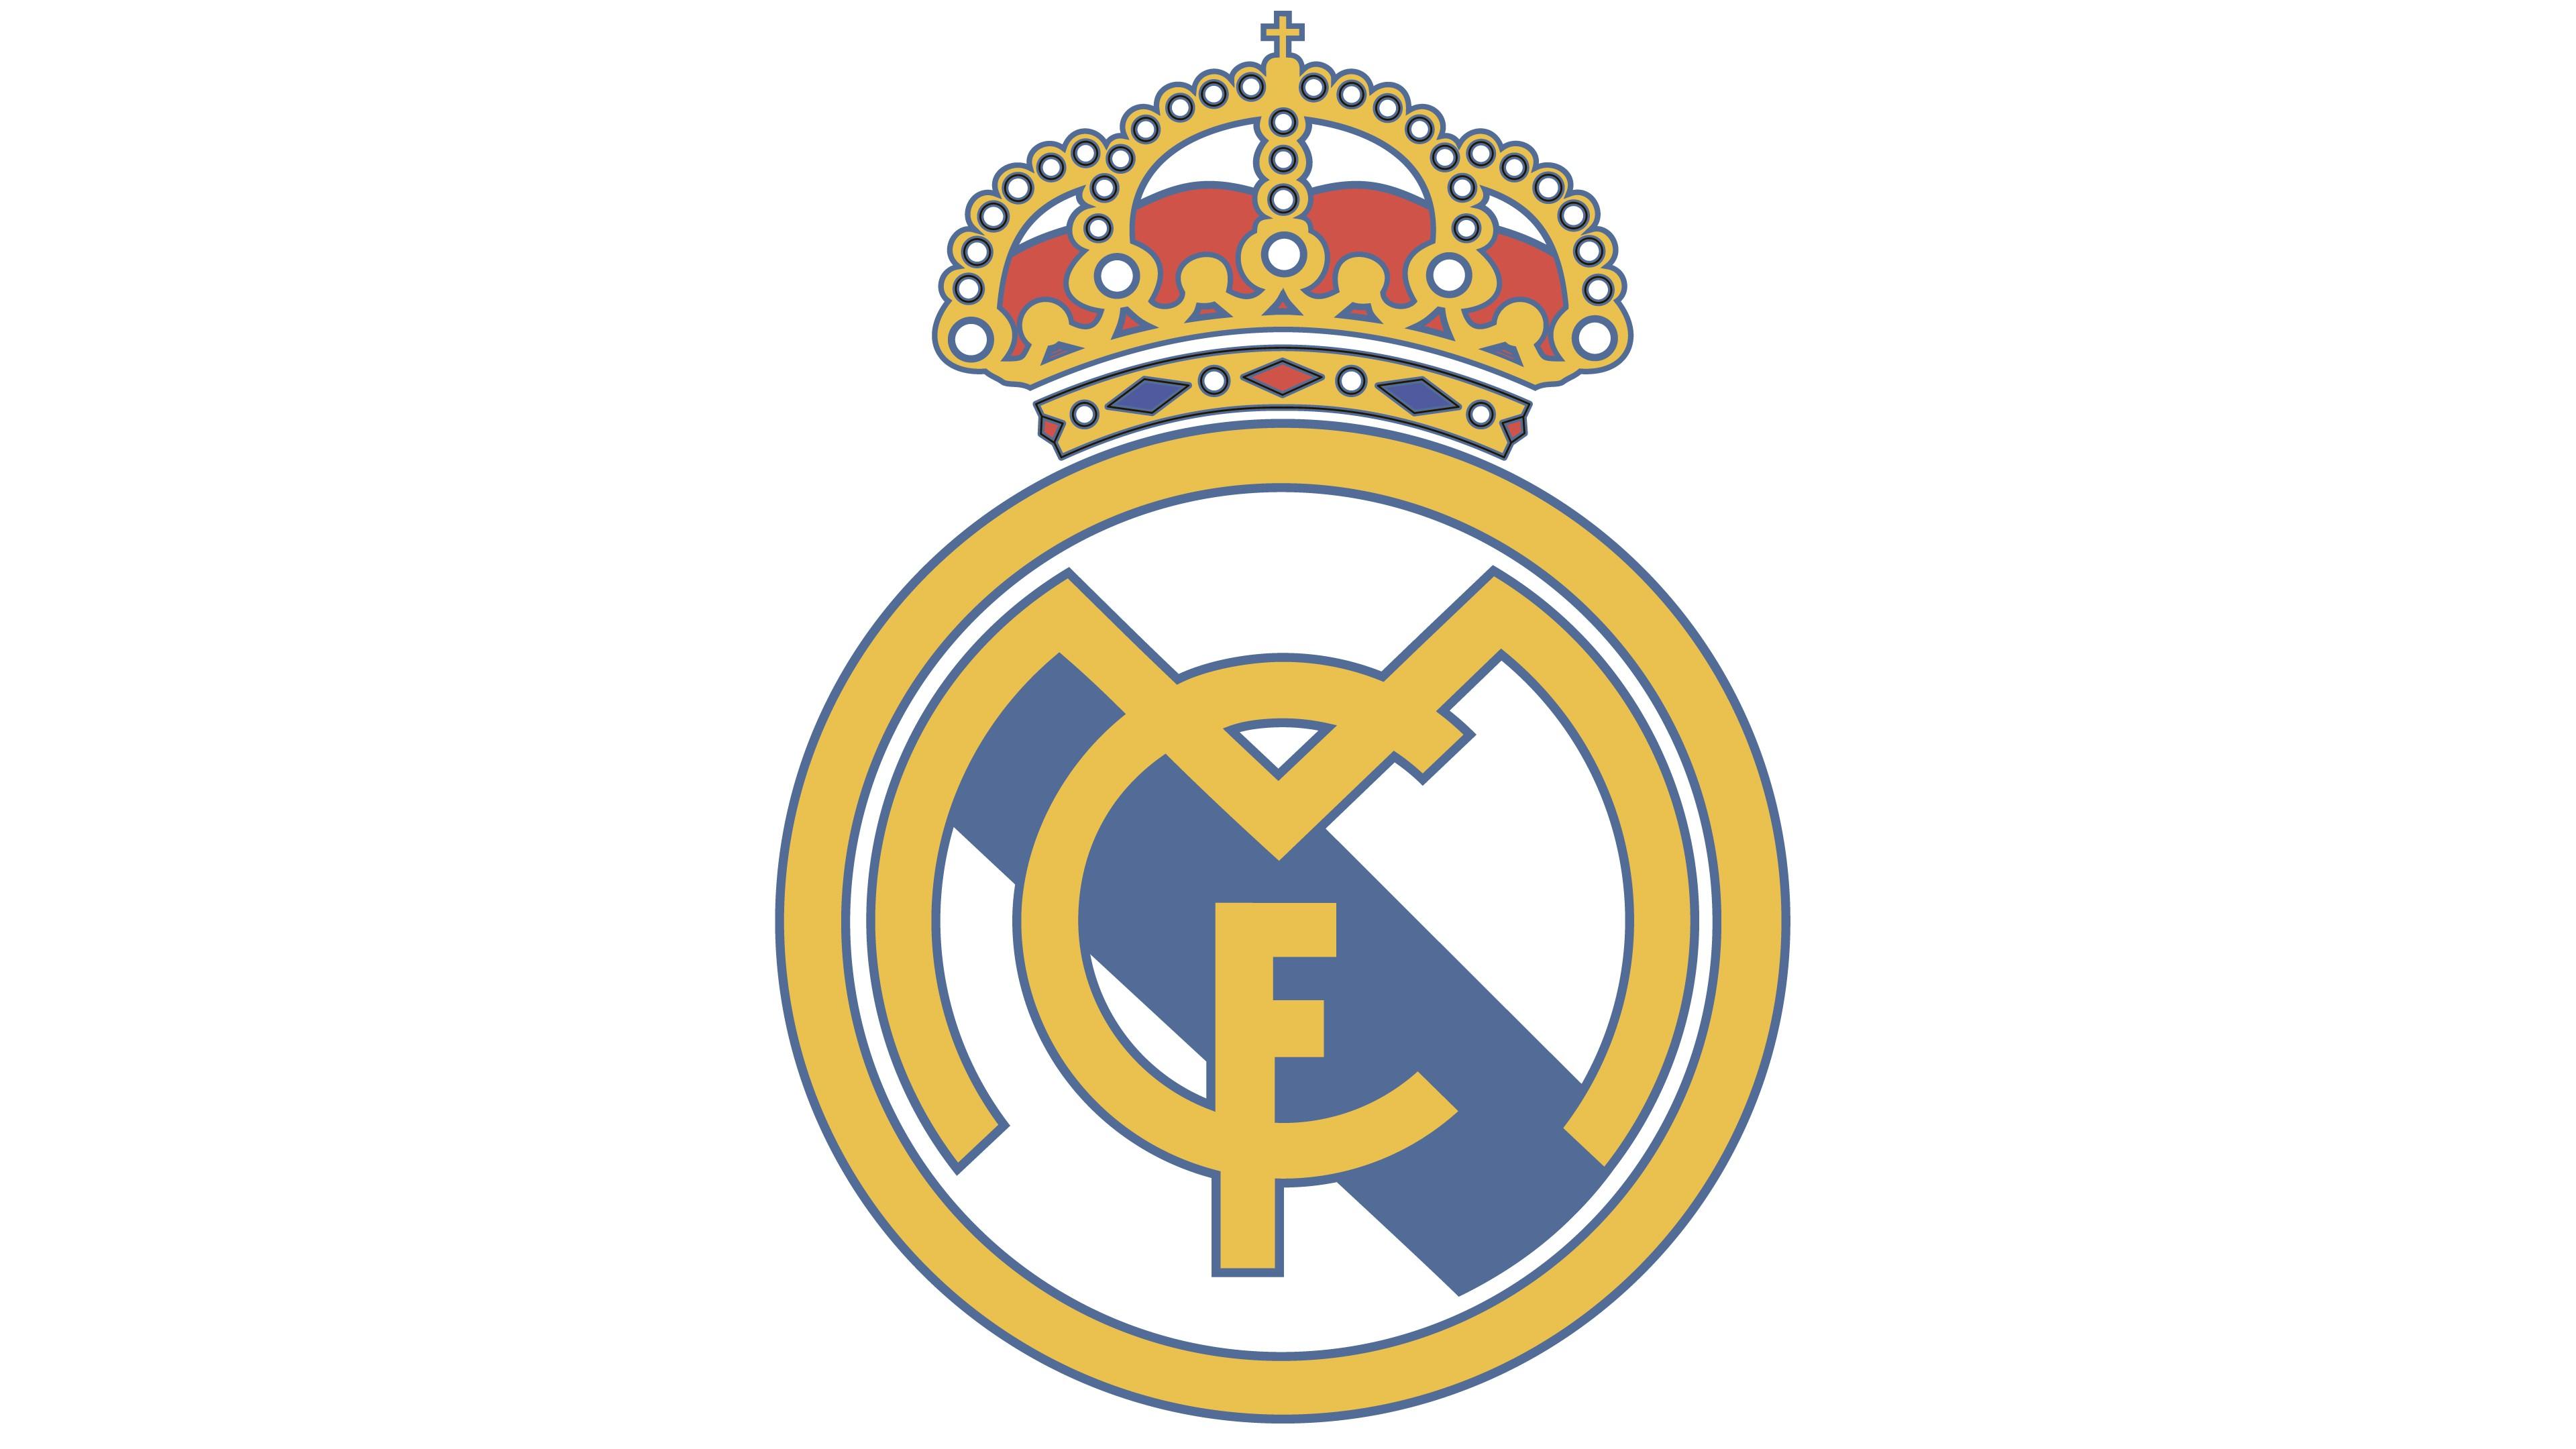 近日,《马卡报》进行了最美俱乐部队徽评选,摩洛哥球队卡萨布兰卡拉贾的队徽力压众豪门获得第一。  西甲球队中,西超双雄皇马和巴萨分列第2和第5,瓦伦西亚第10,马竞第14;英超球队中,利物浦第3,曼联第11,切尔西第18,热刺第20;意甲球队中,罗马位列第12,国米第15;德甲豪门拜仁名列第29;值得一提的是,中超球队上海申花榜上有名,排名第47。